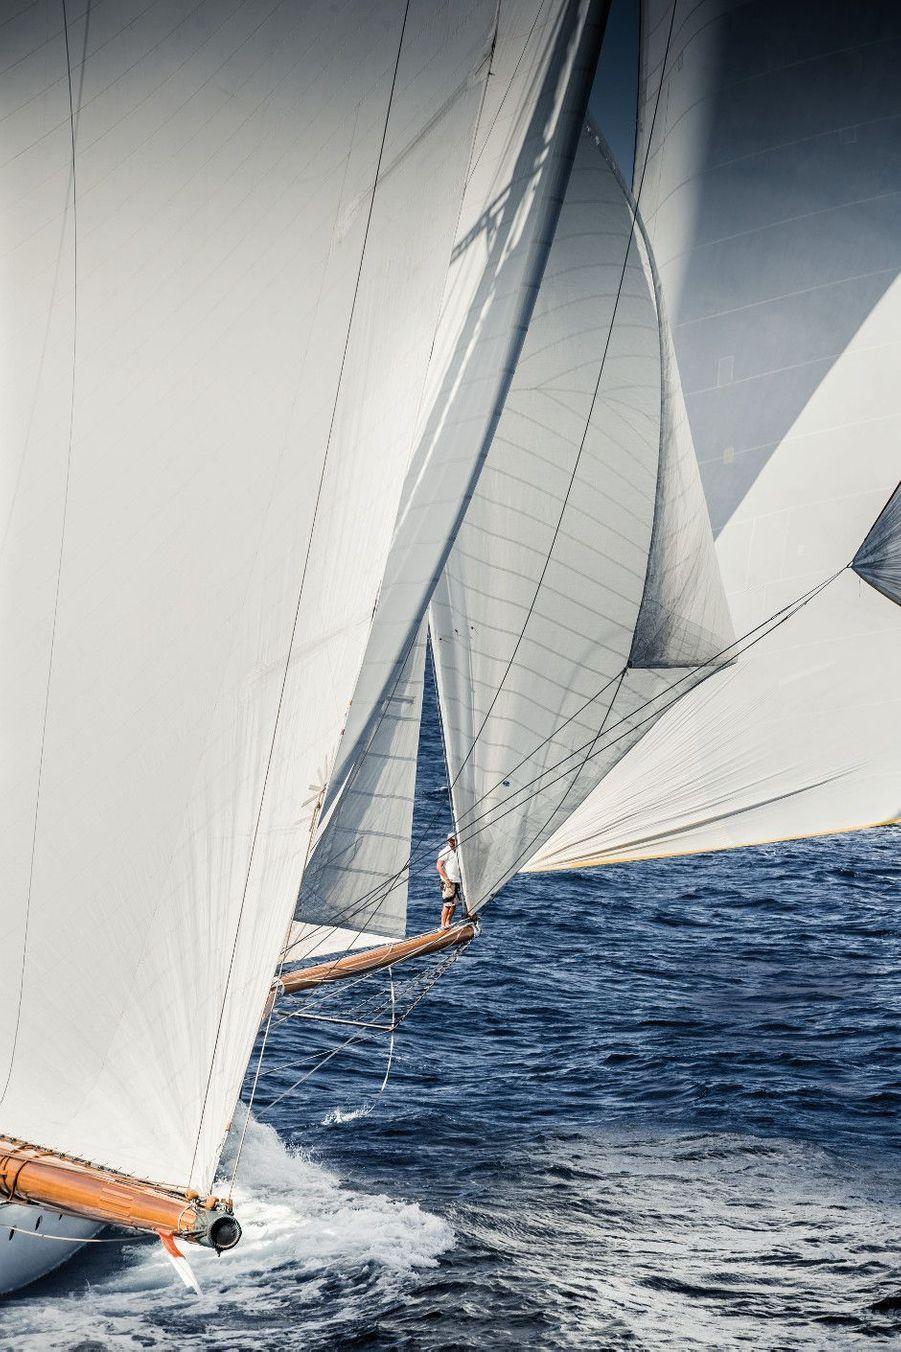 « Elena of London » vient d'envoyer son spi de 1 000 m2, à 25 noeuds. C'est le plus imposant des bateaux engagés dans la catégorie des Grands Tradition. Perché sur sa vergue, le « singe », spécialiste des virements de bord, dirige la manoeuvre.